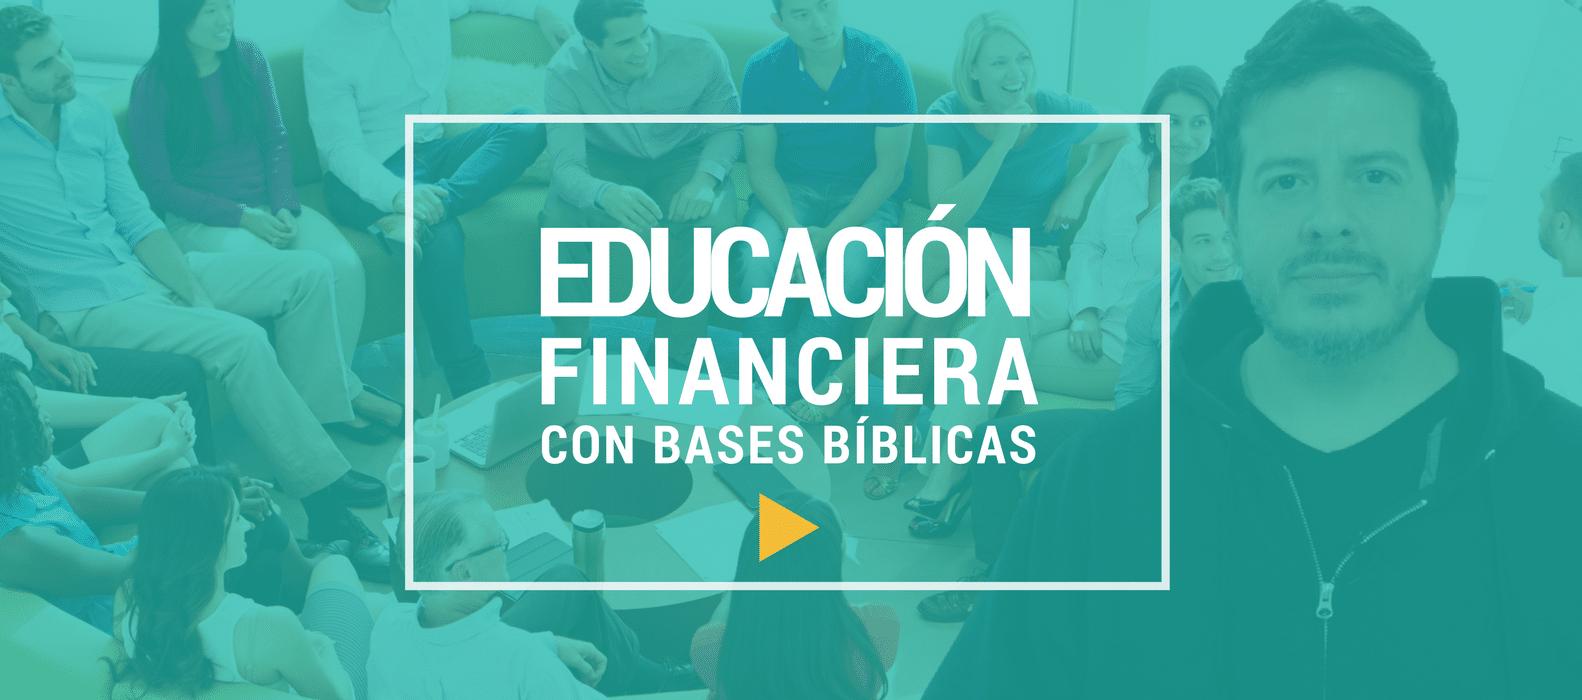 Educación Financiera Con Bases Bíblicas